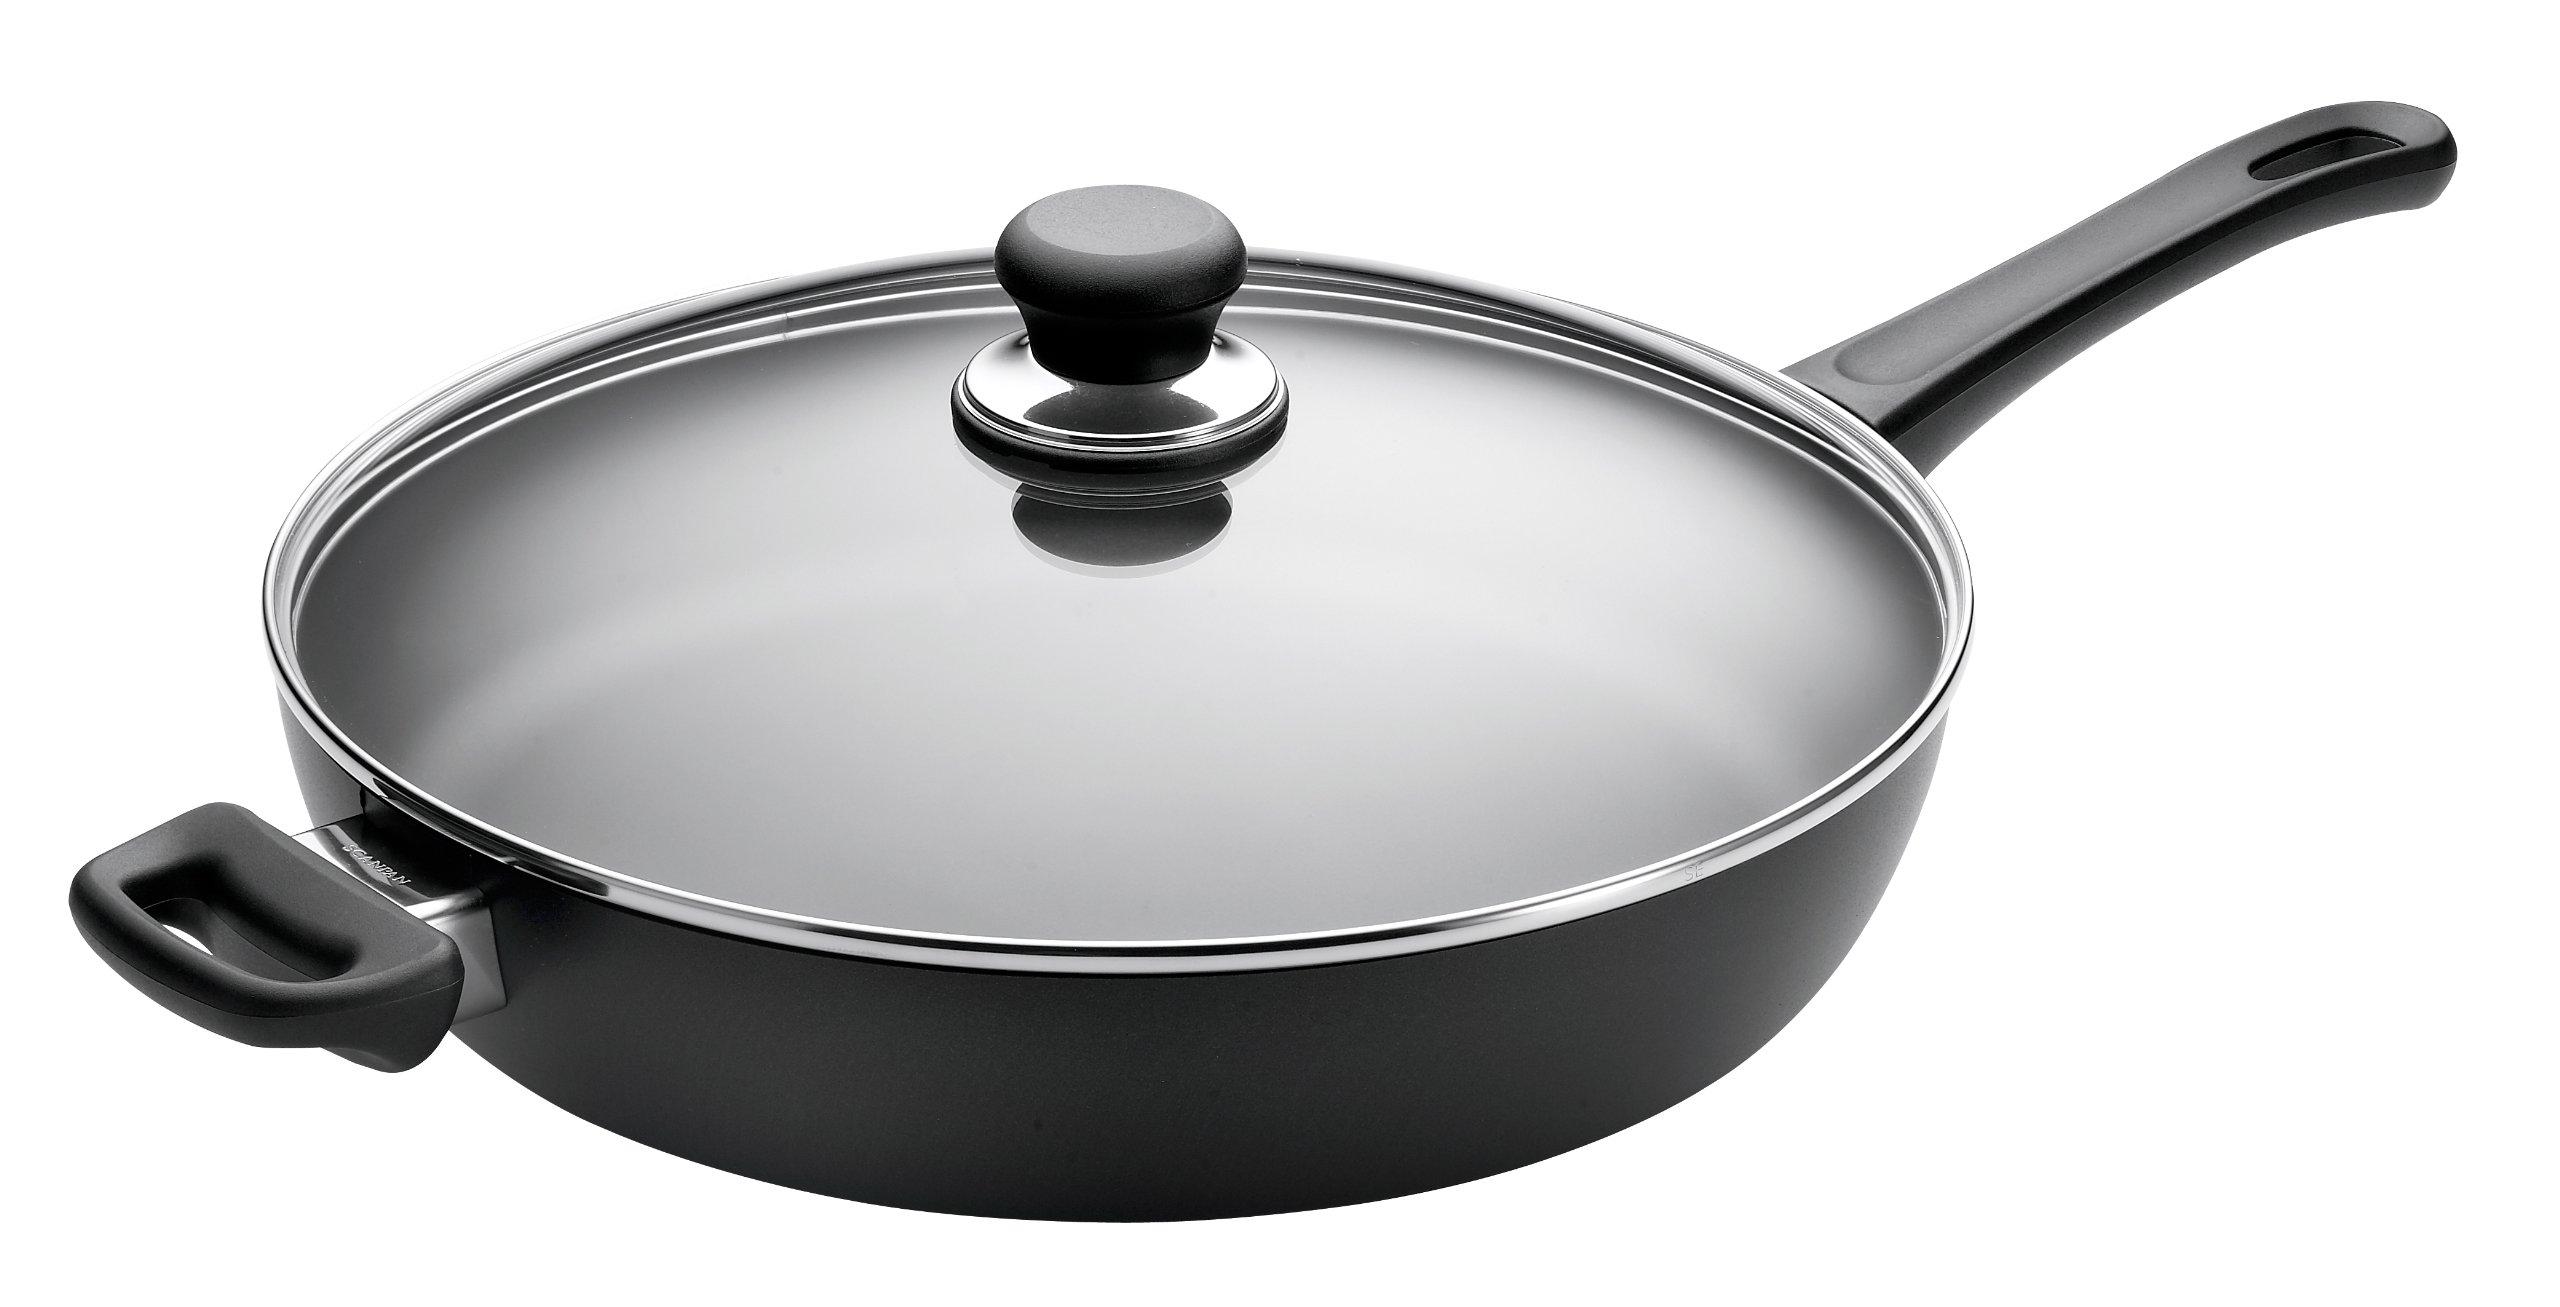 SCANPAN USA Inc 32101200 Classic Saute Pan, 3.5 quarts, Black by Scanpan